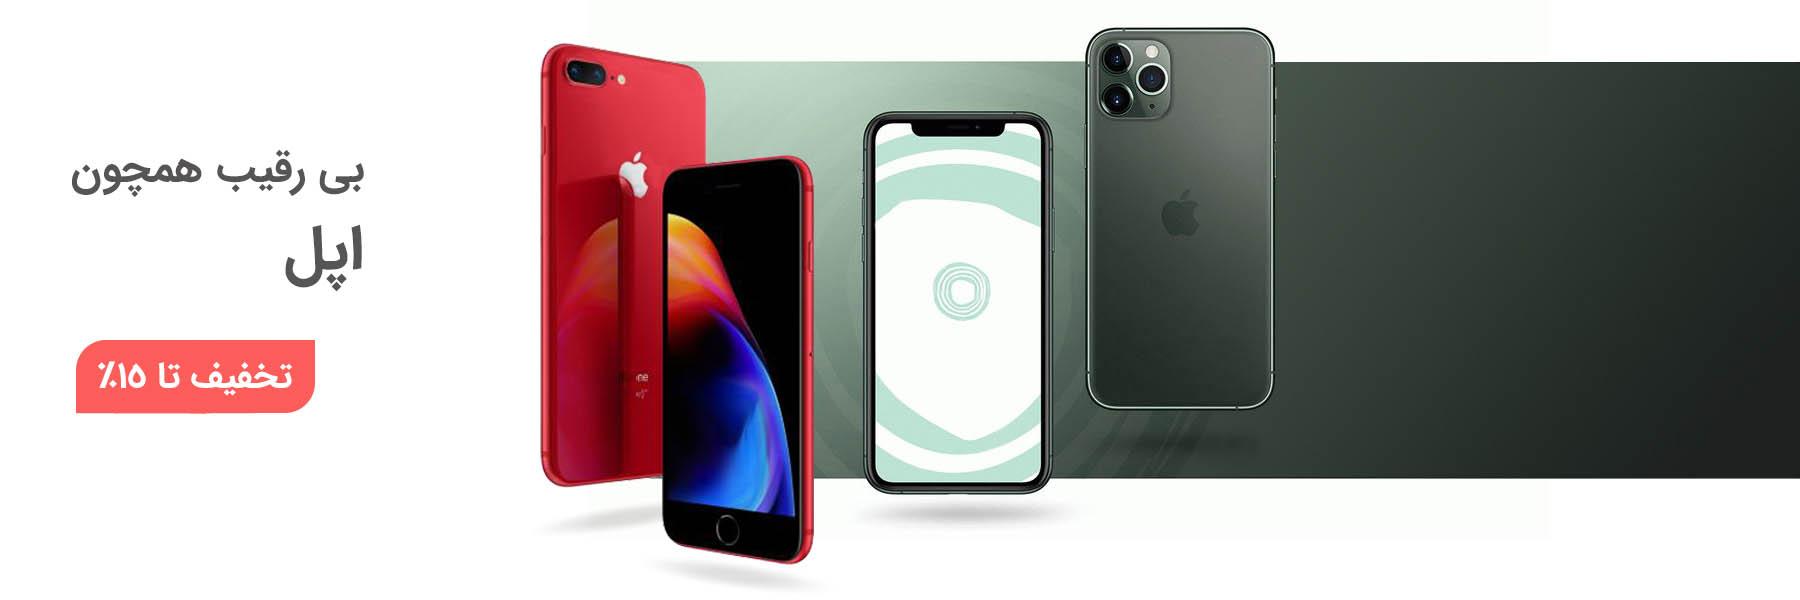 گوشی مبایل اپل، آیفون، فروش آنلاین، فروشگاه اینترنتی آف تپ (2)